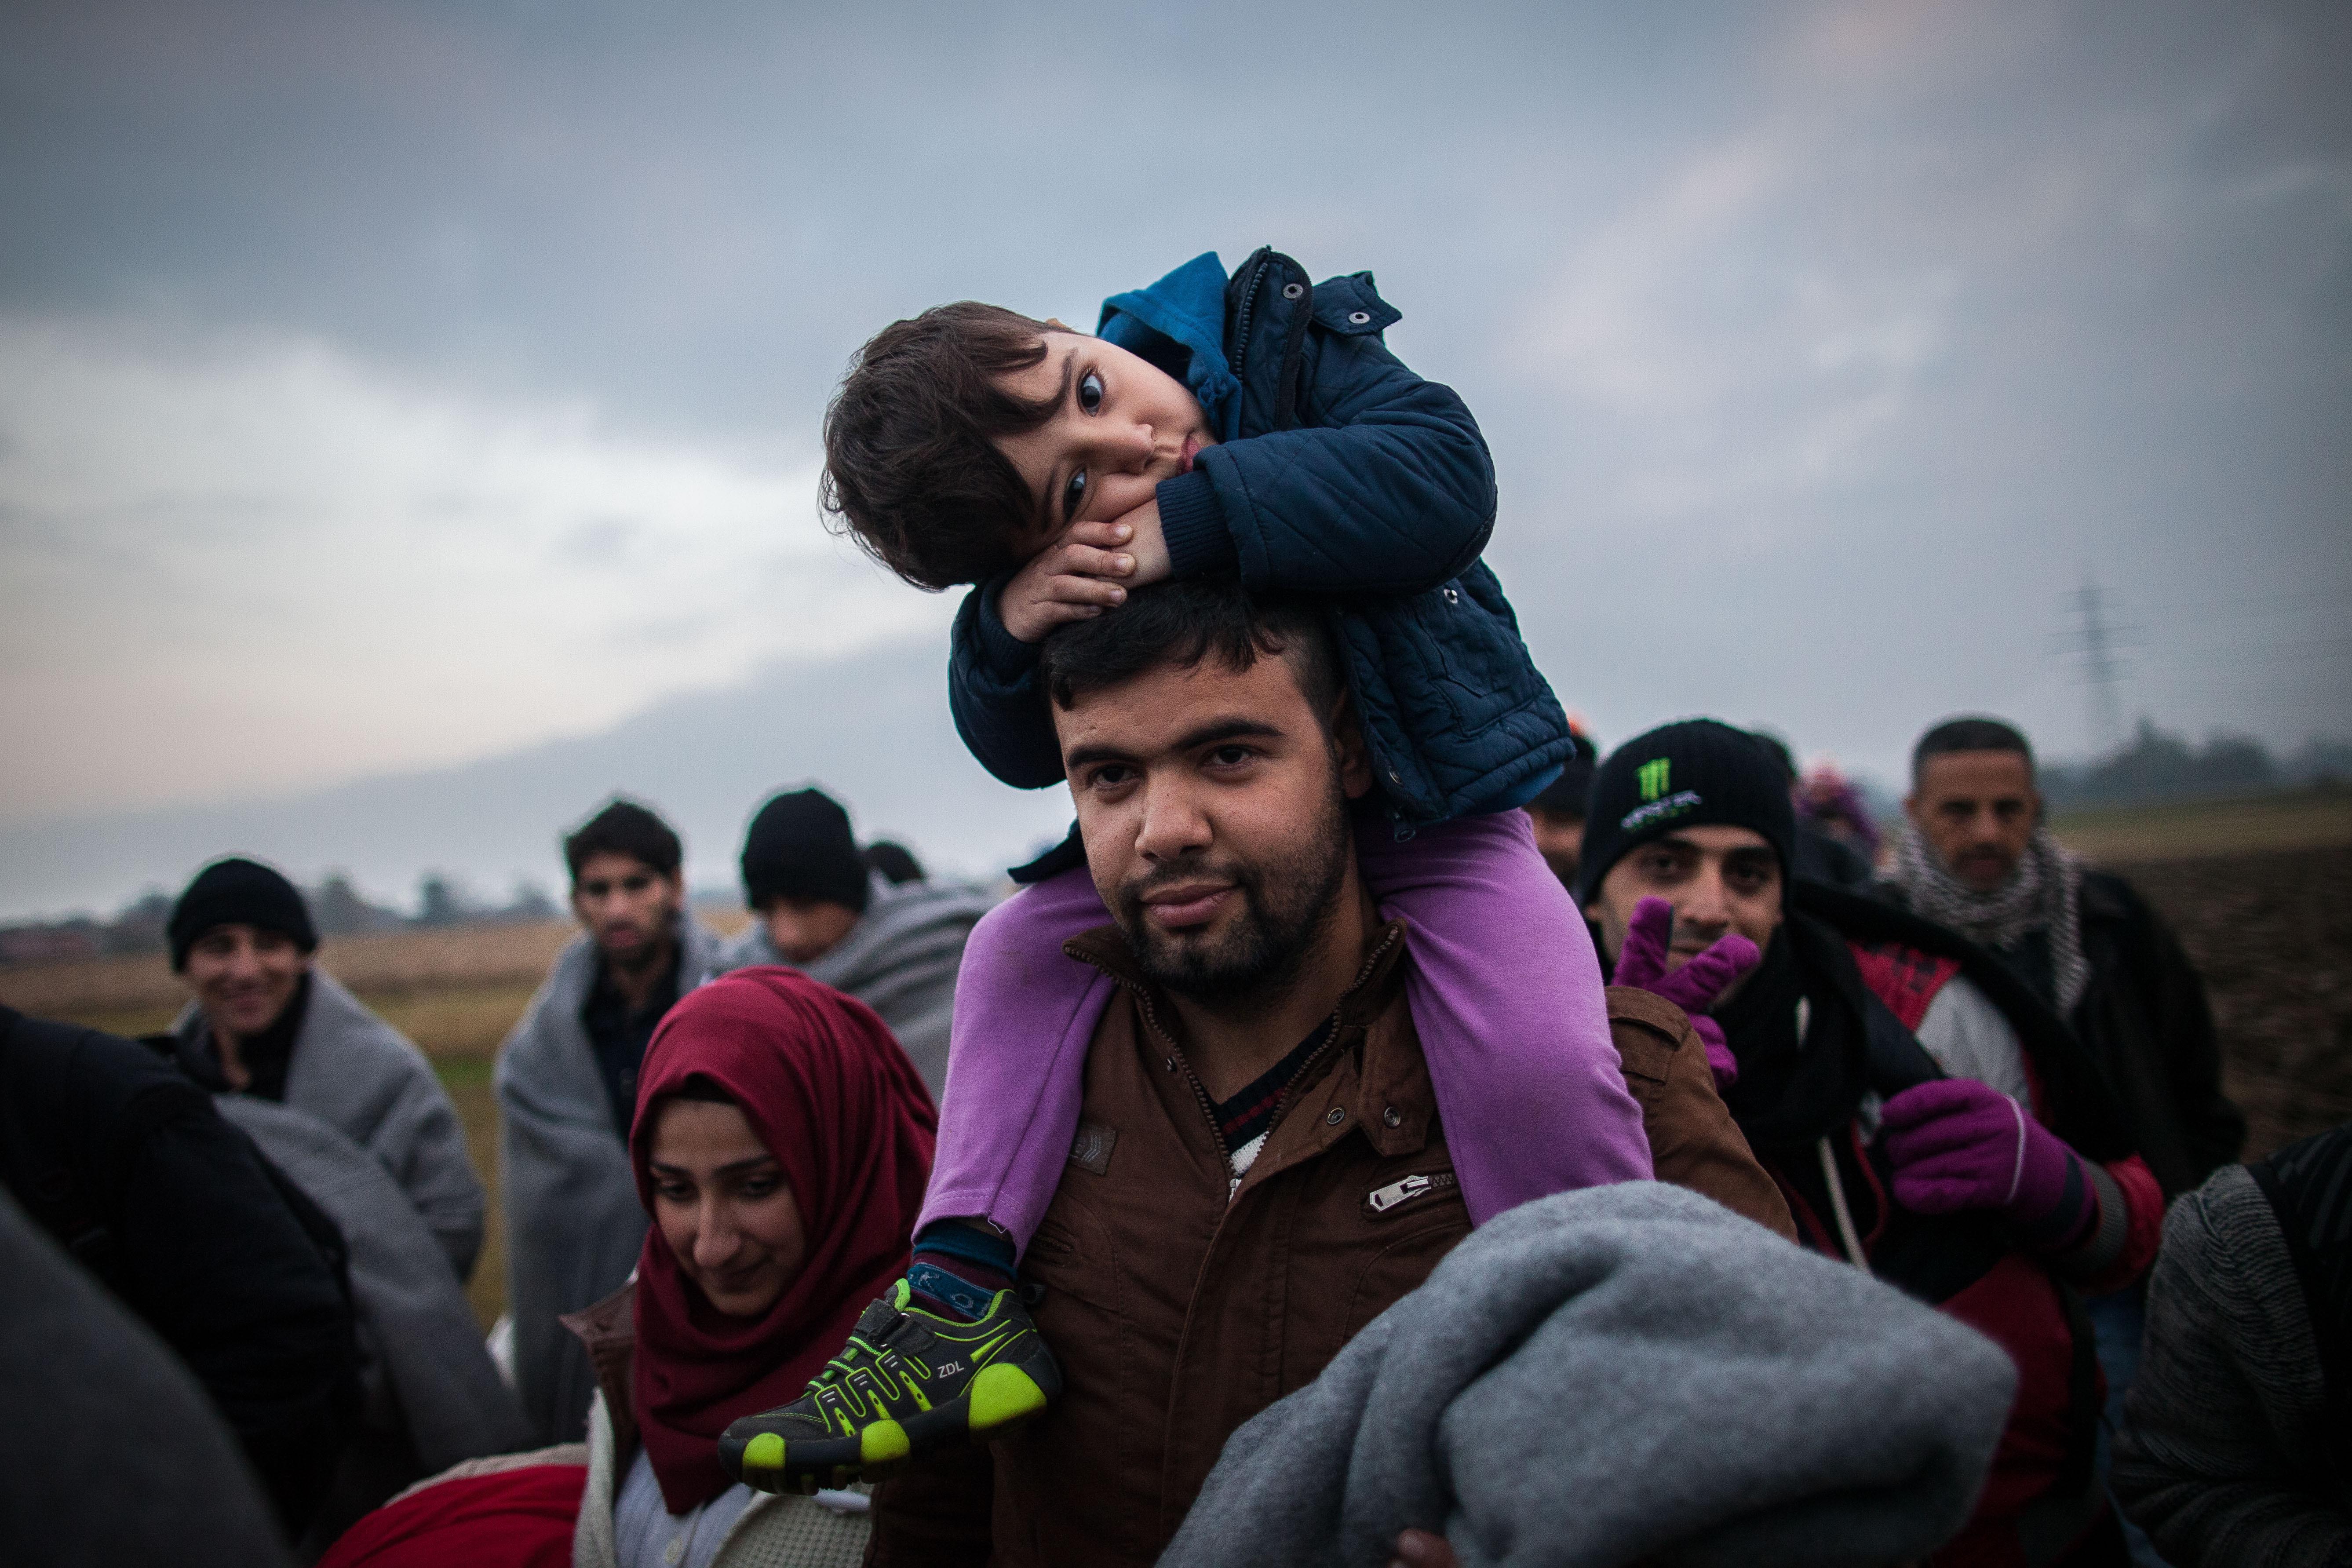 Die Kirche in Österreich appelliert in der Flüchtlingskrise für mehr Mitmenschlichkeit.